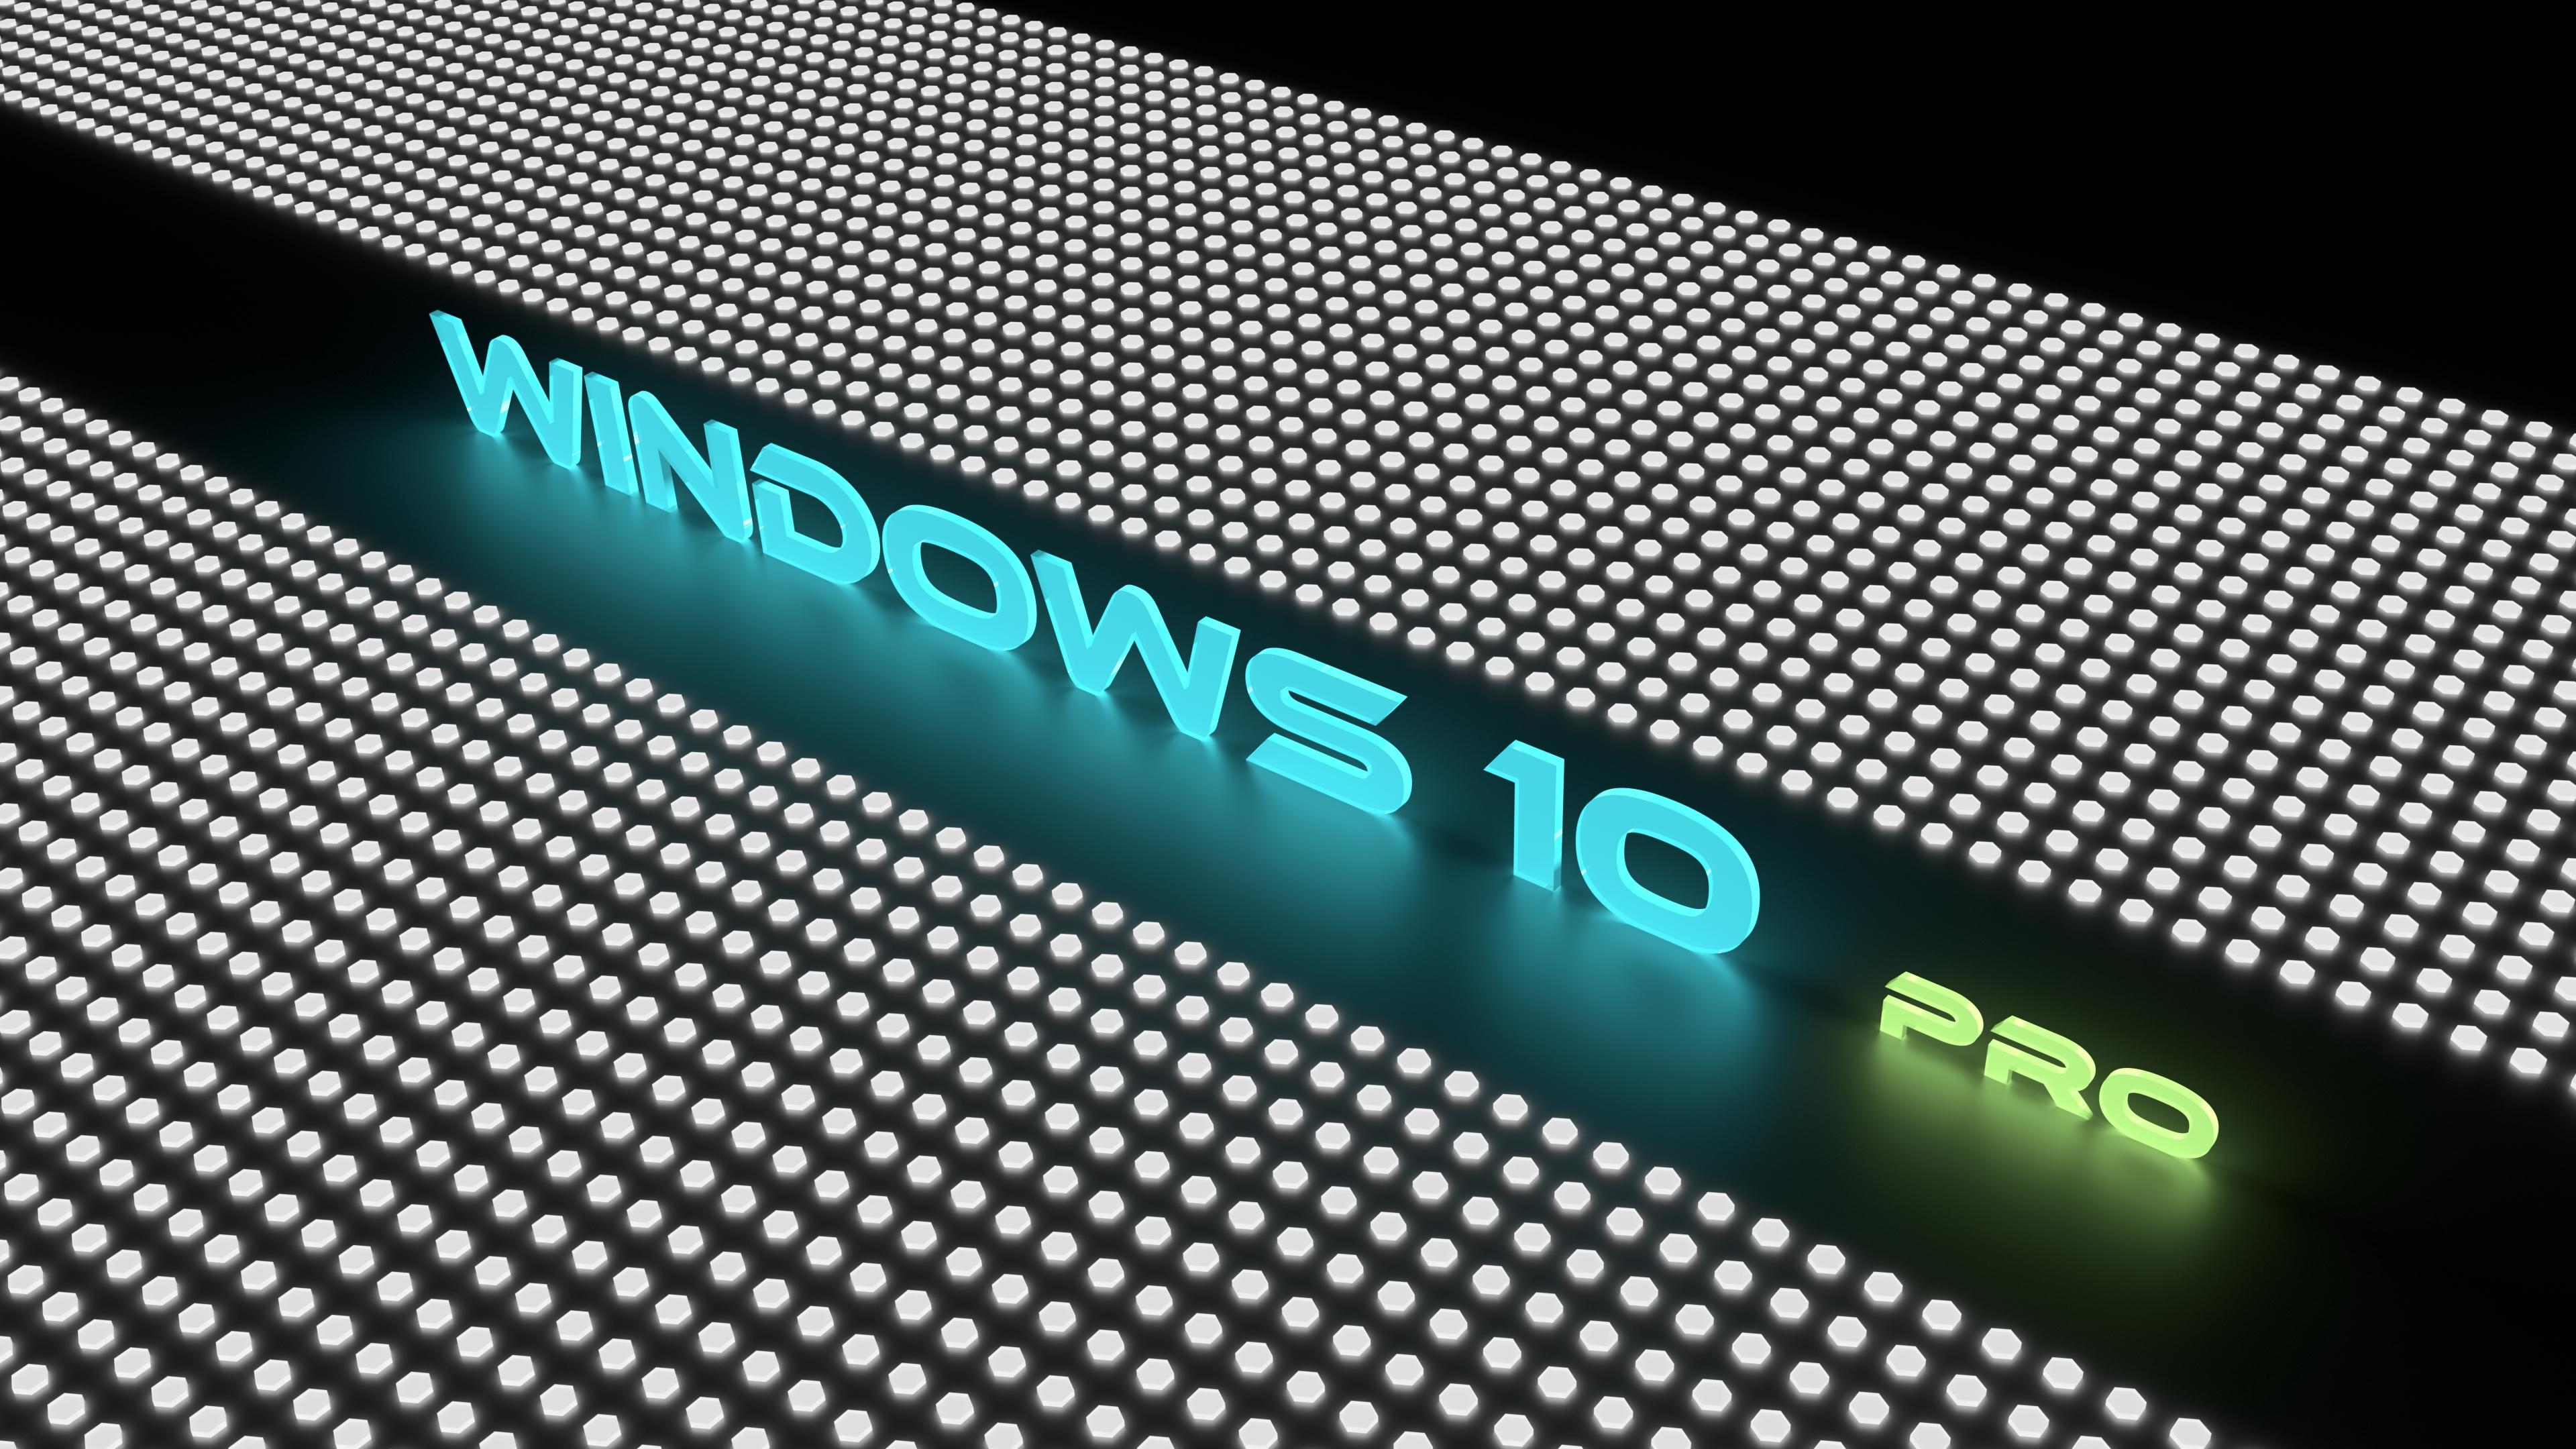 Windows 10 Pro Glow Blue 2 4k Ultra Hd Wallpaper